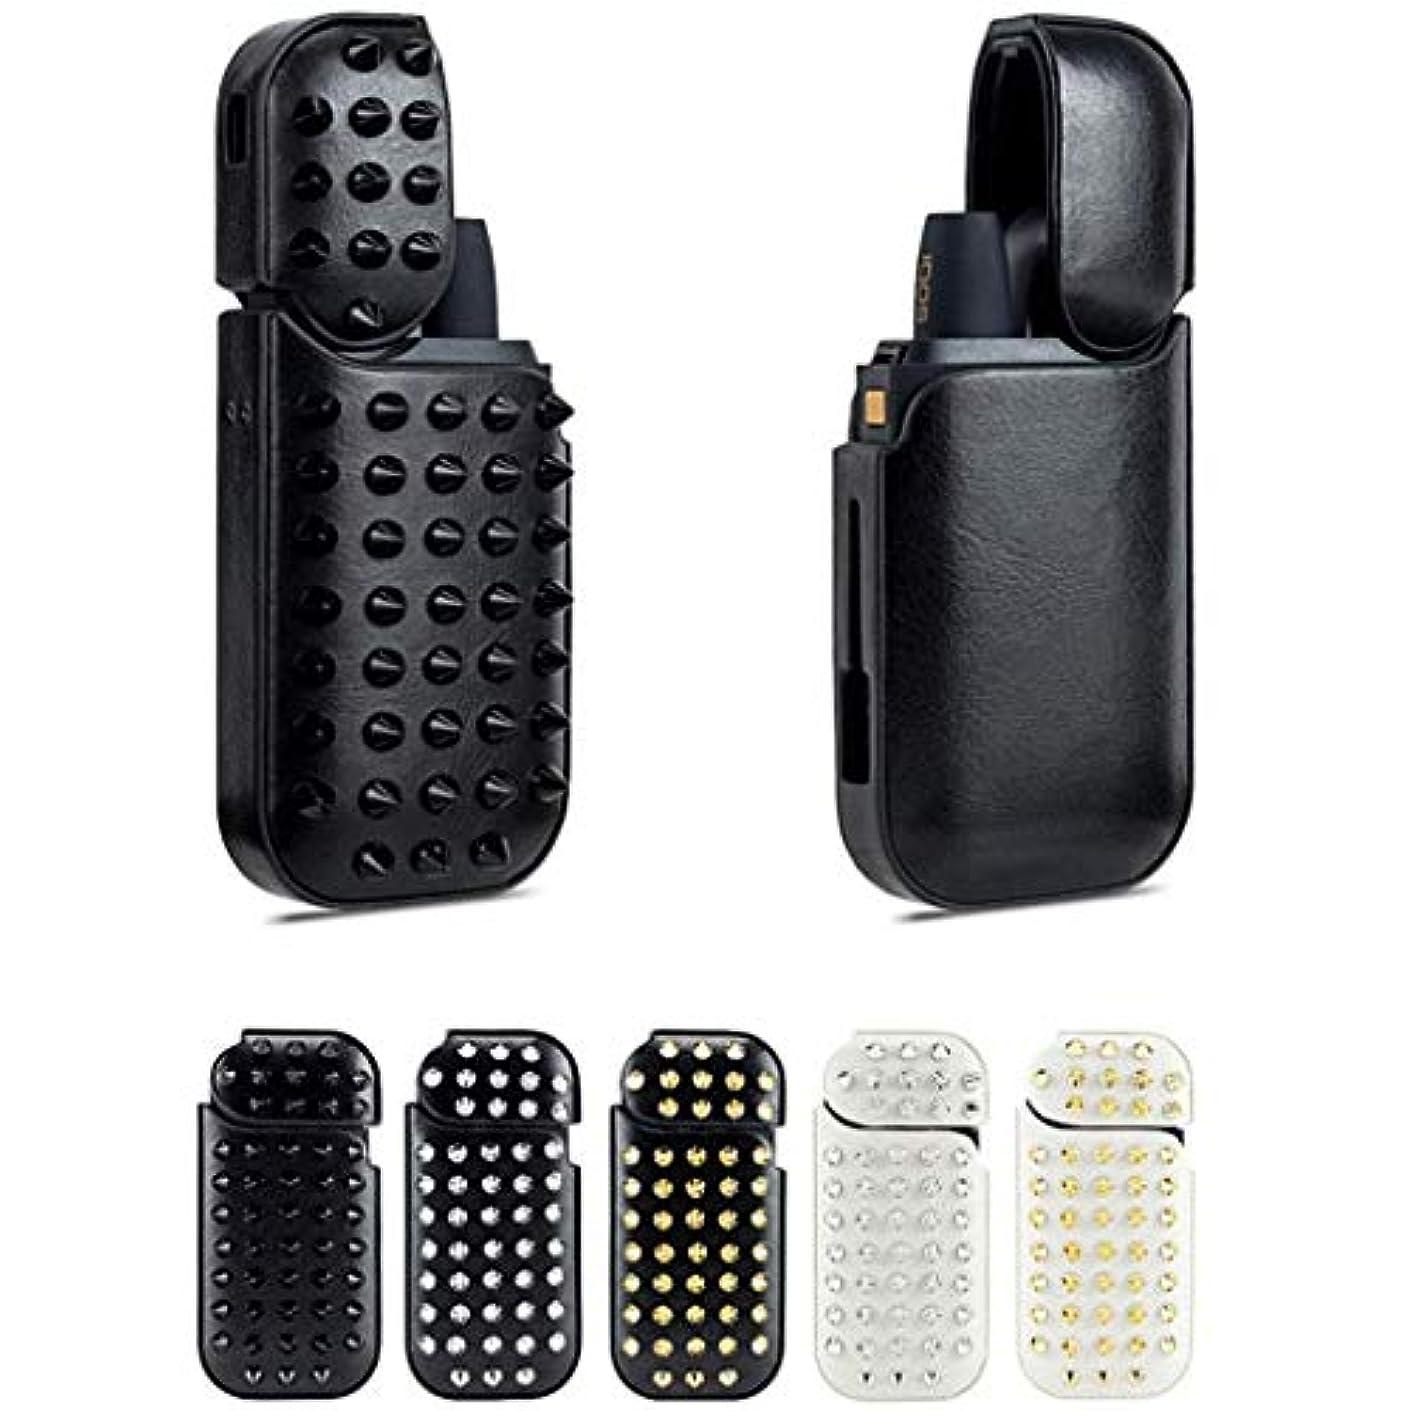 別に最後に形成IQOS電子タバコの保護カバー , IQOS第3世代の革のリベットモデル , フルカバレッジの高級PUレザーケース最新の360°保護カバー , Iqiqos 2.4(旧型アイコス), Iqos 2.4,B2